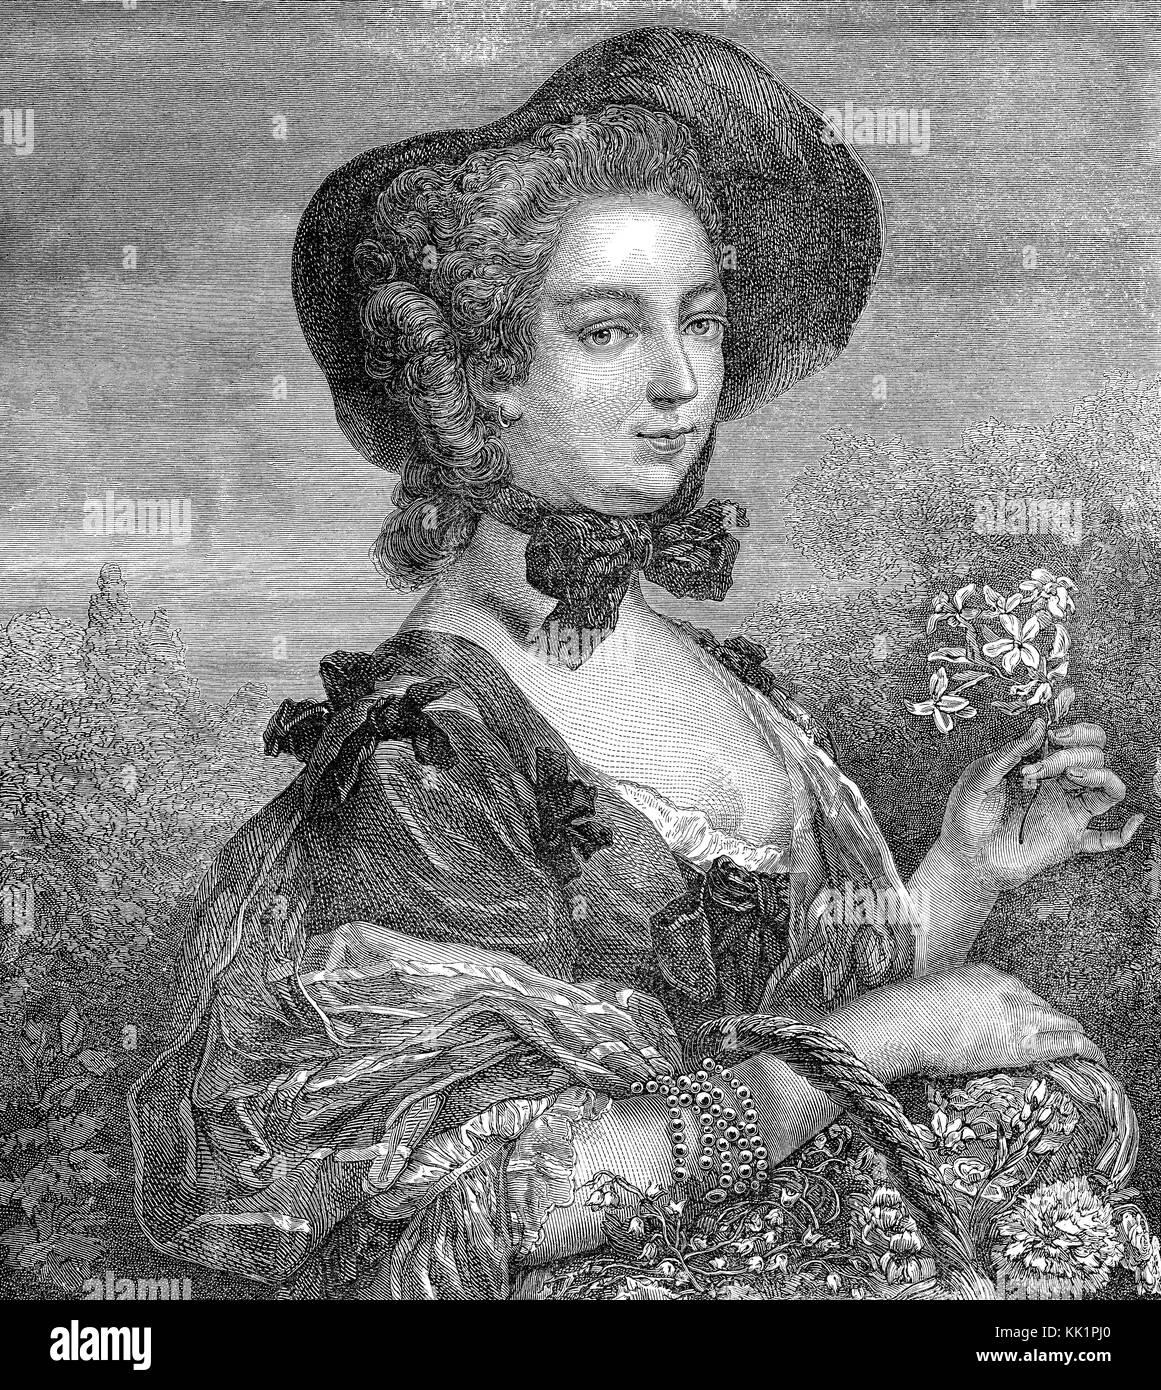 Jeanne Antoinette Poisson, Marquise de Pompadour, Madame de Pompadour, 1721-1764, chief mistress of Louis XV - Stock Image